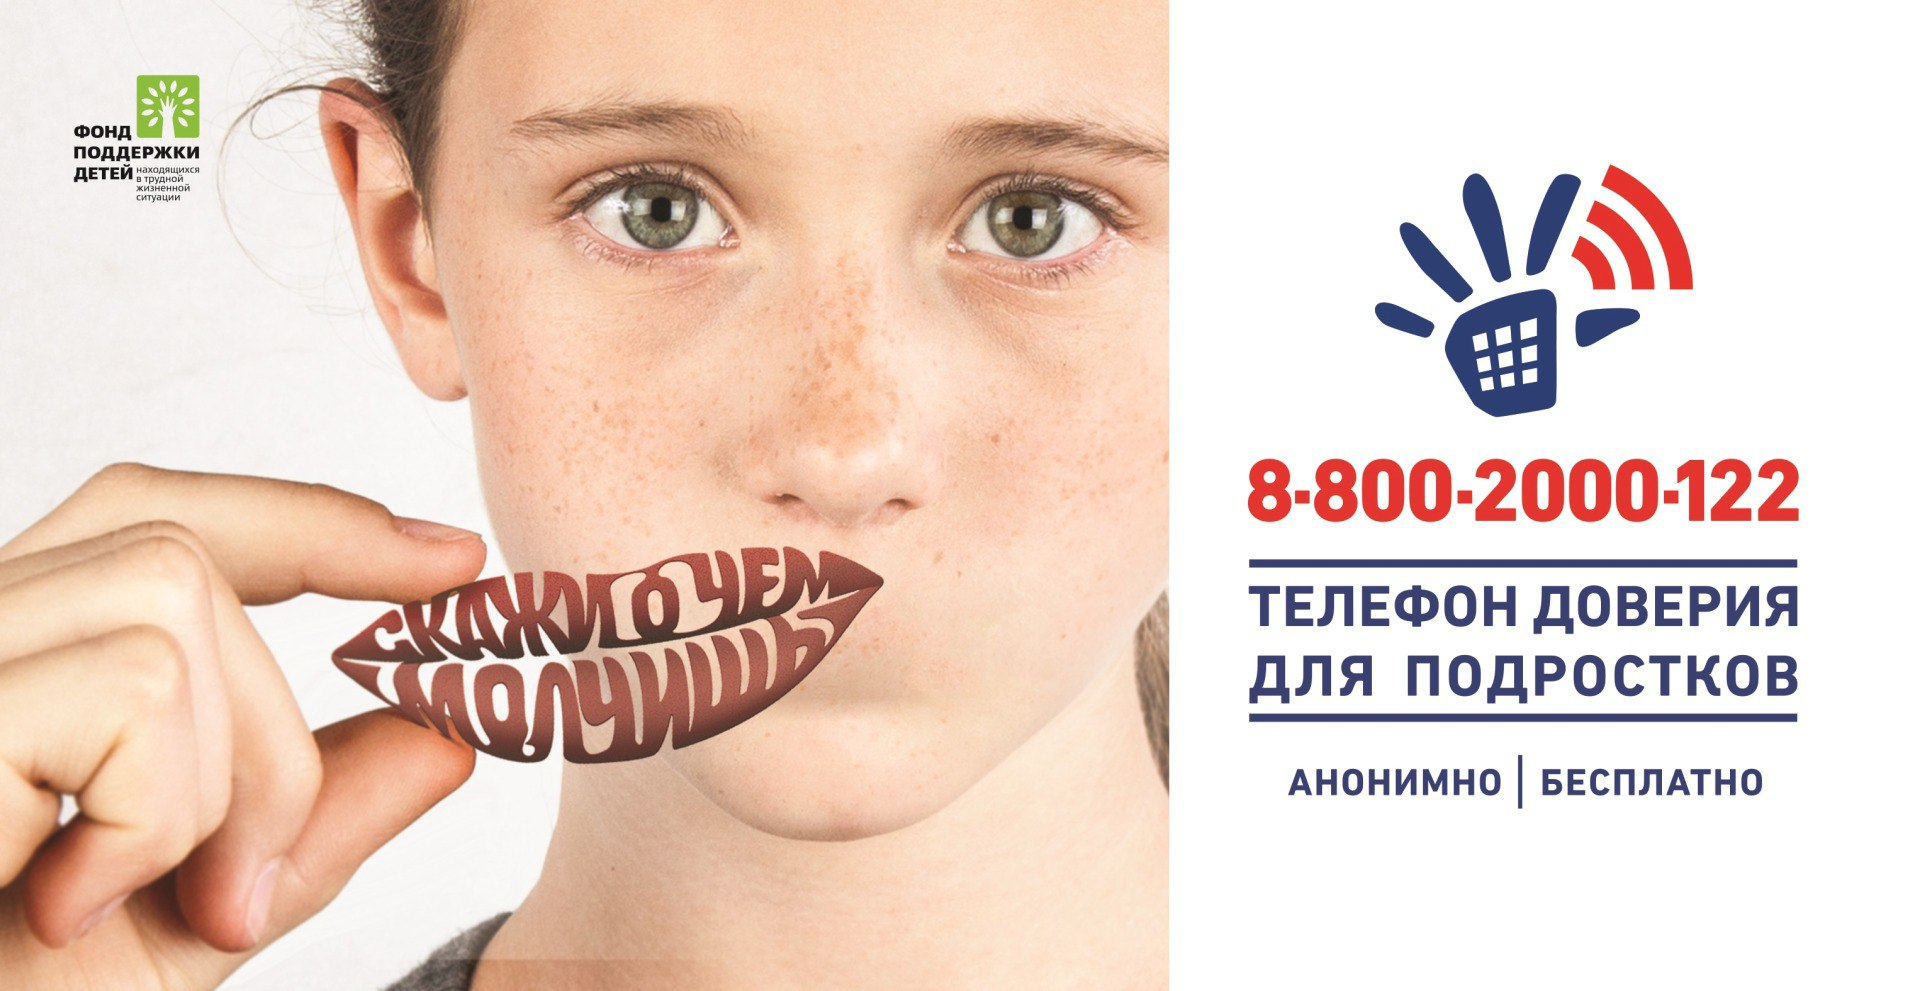 Телефон доверия для подростков